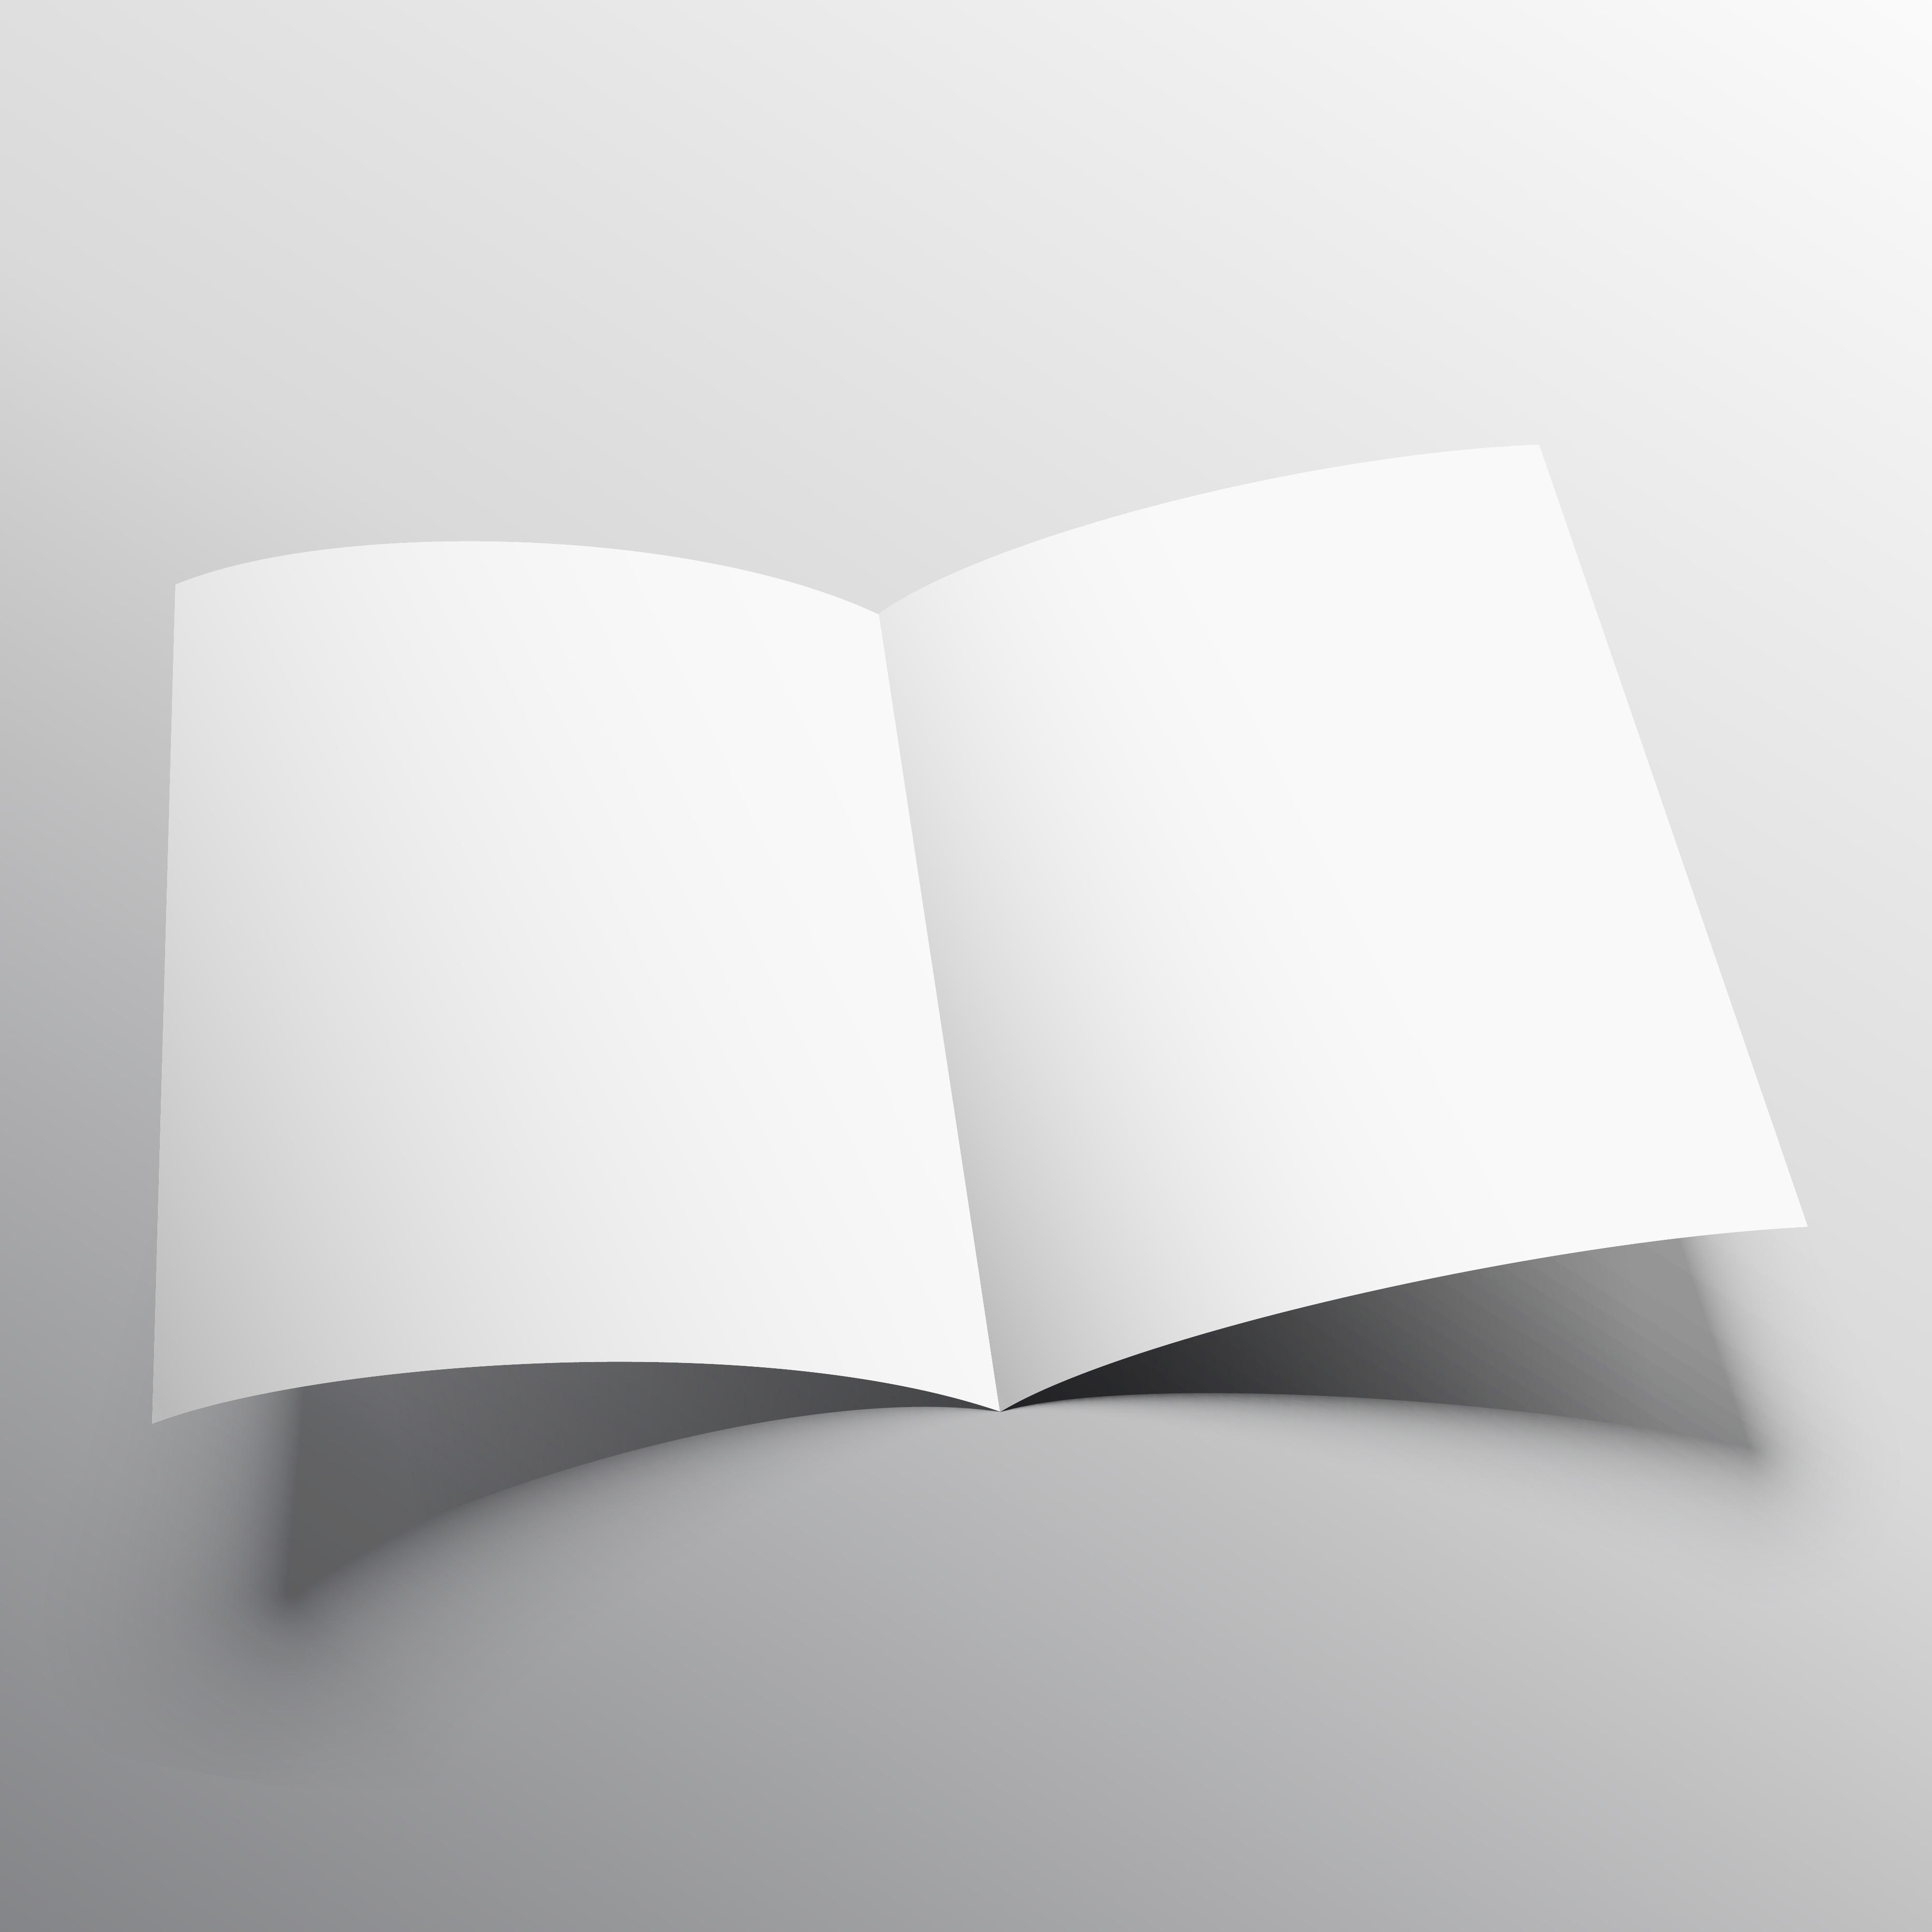 open book or bi